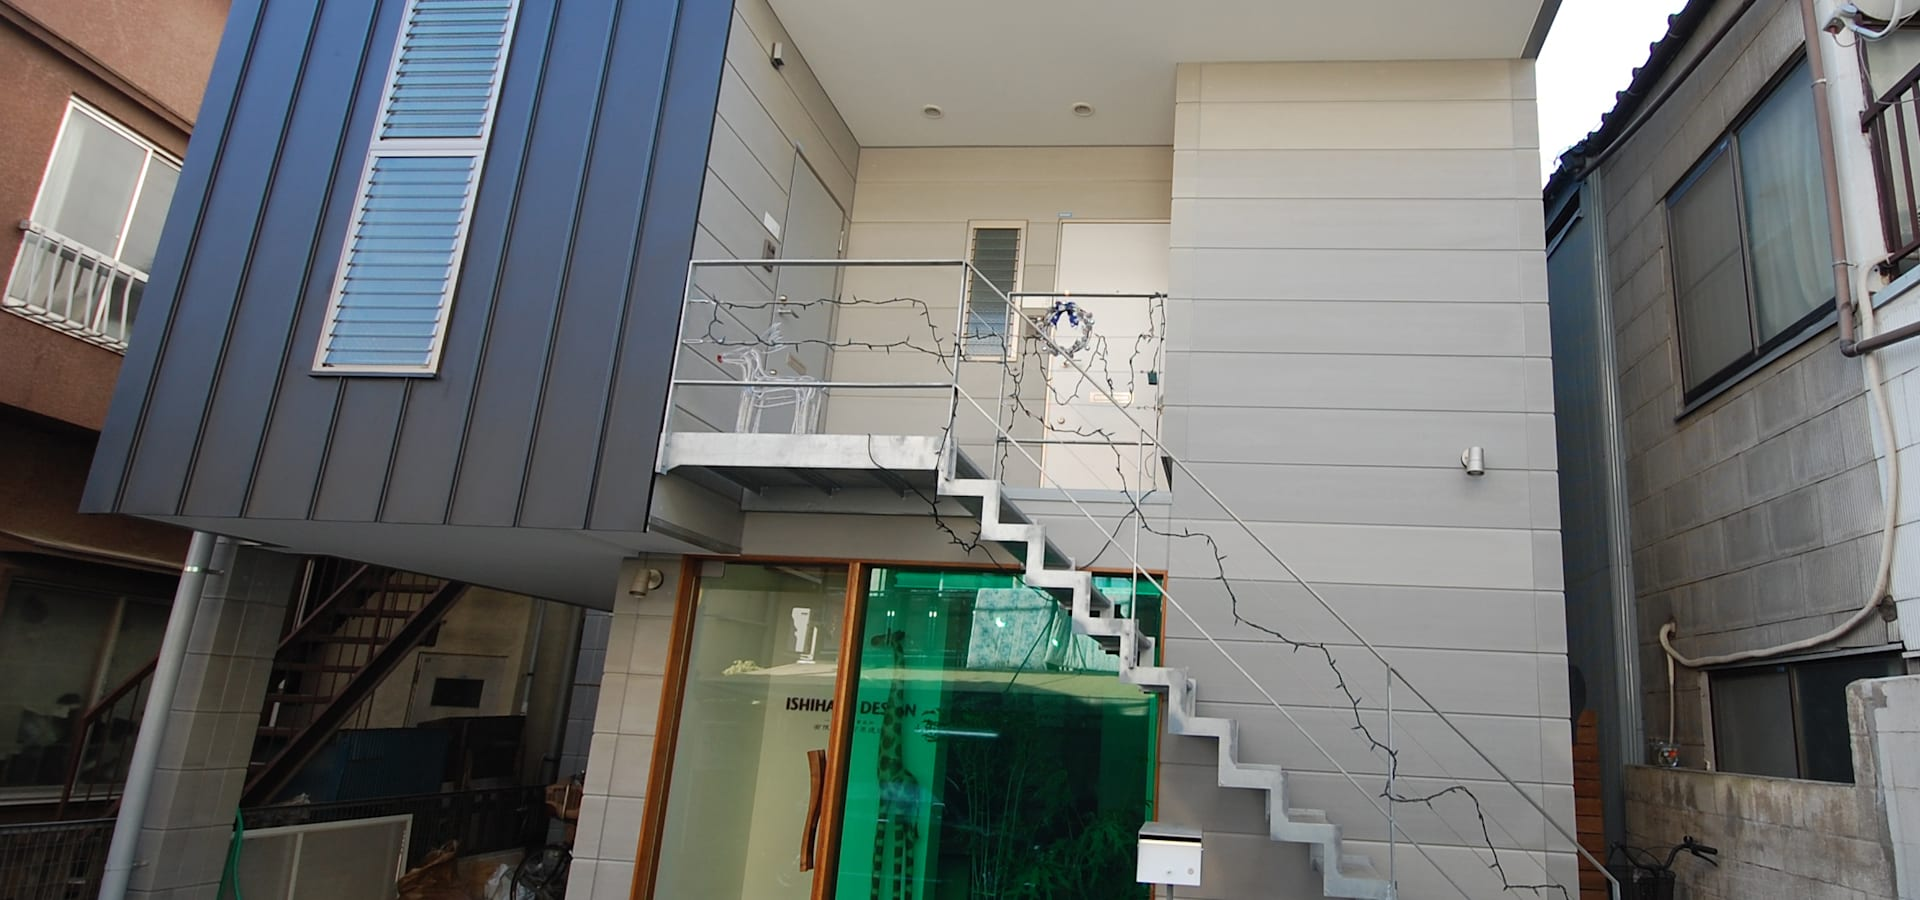 一級建築士事務所有限会社石原建設